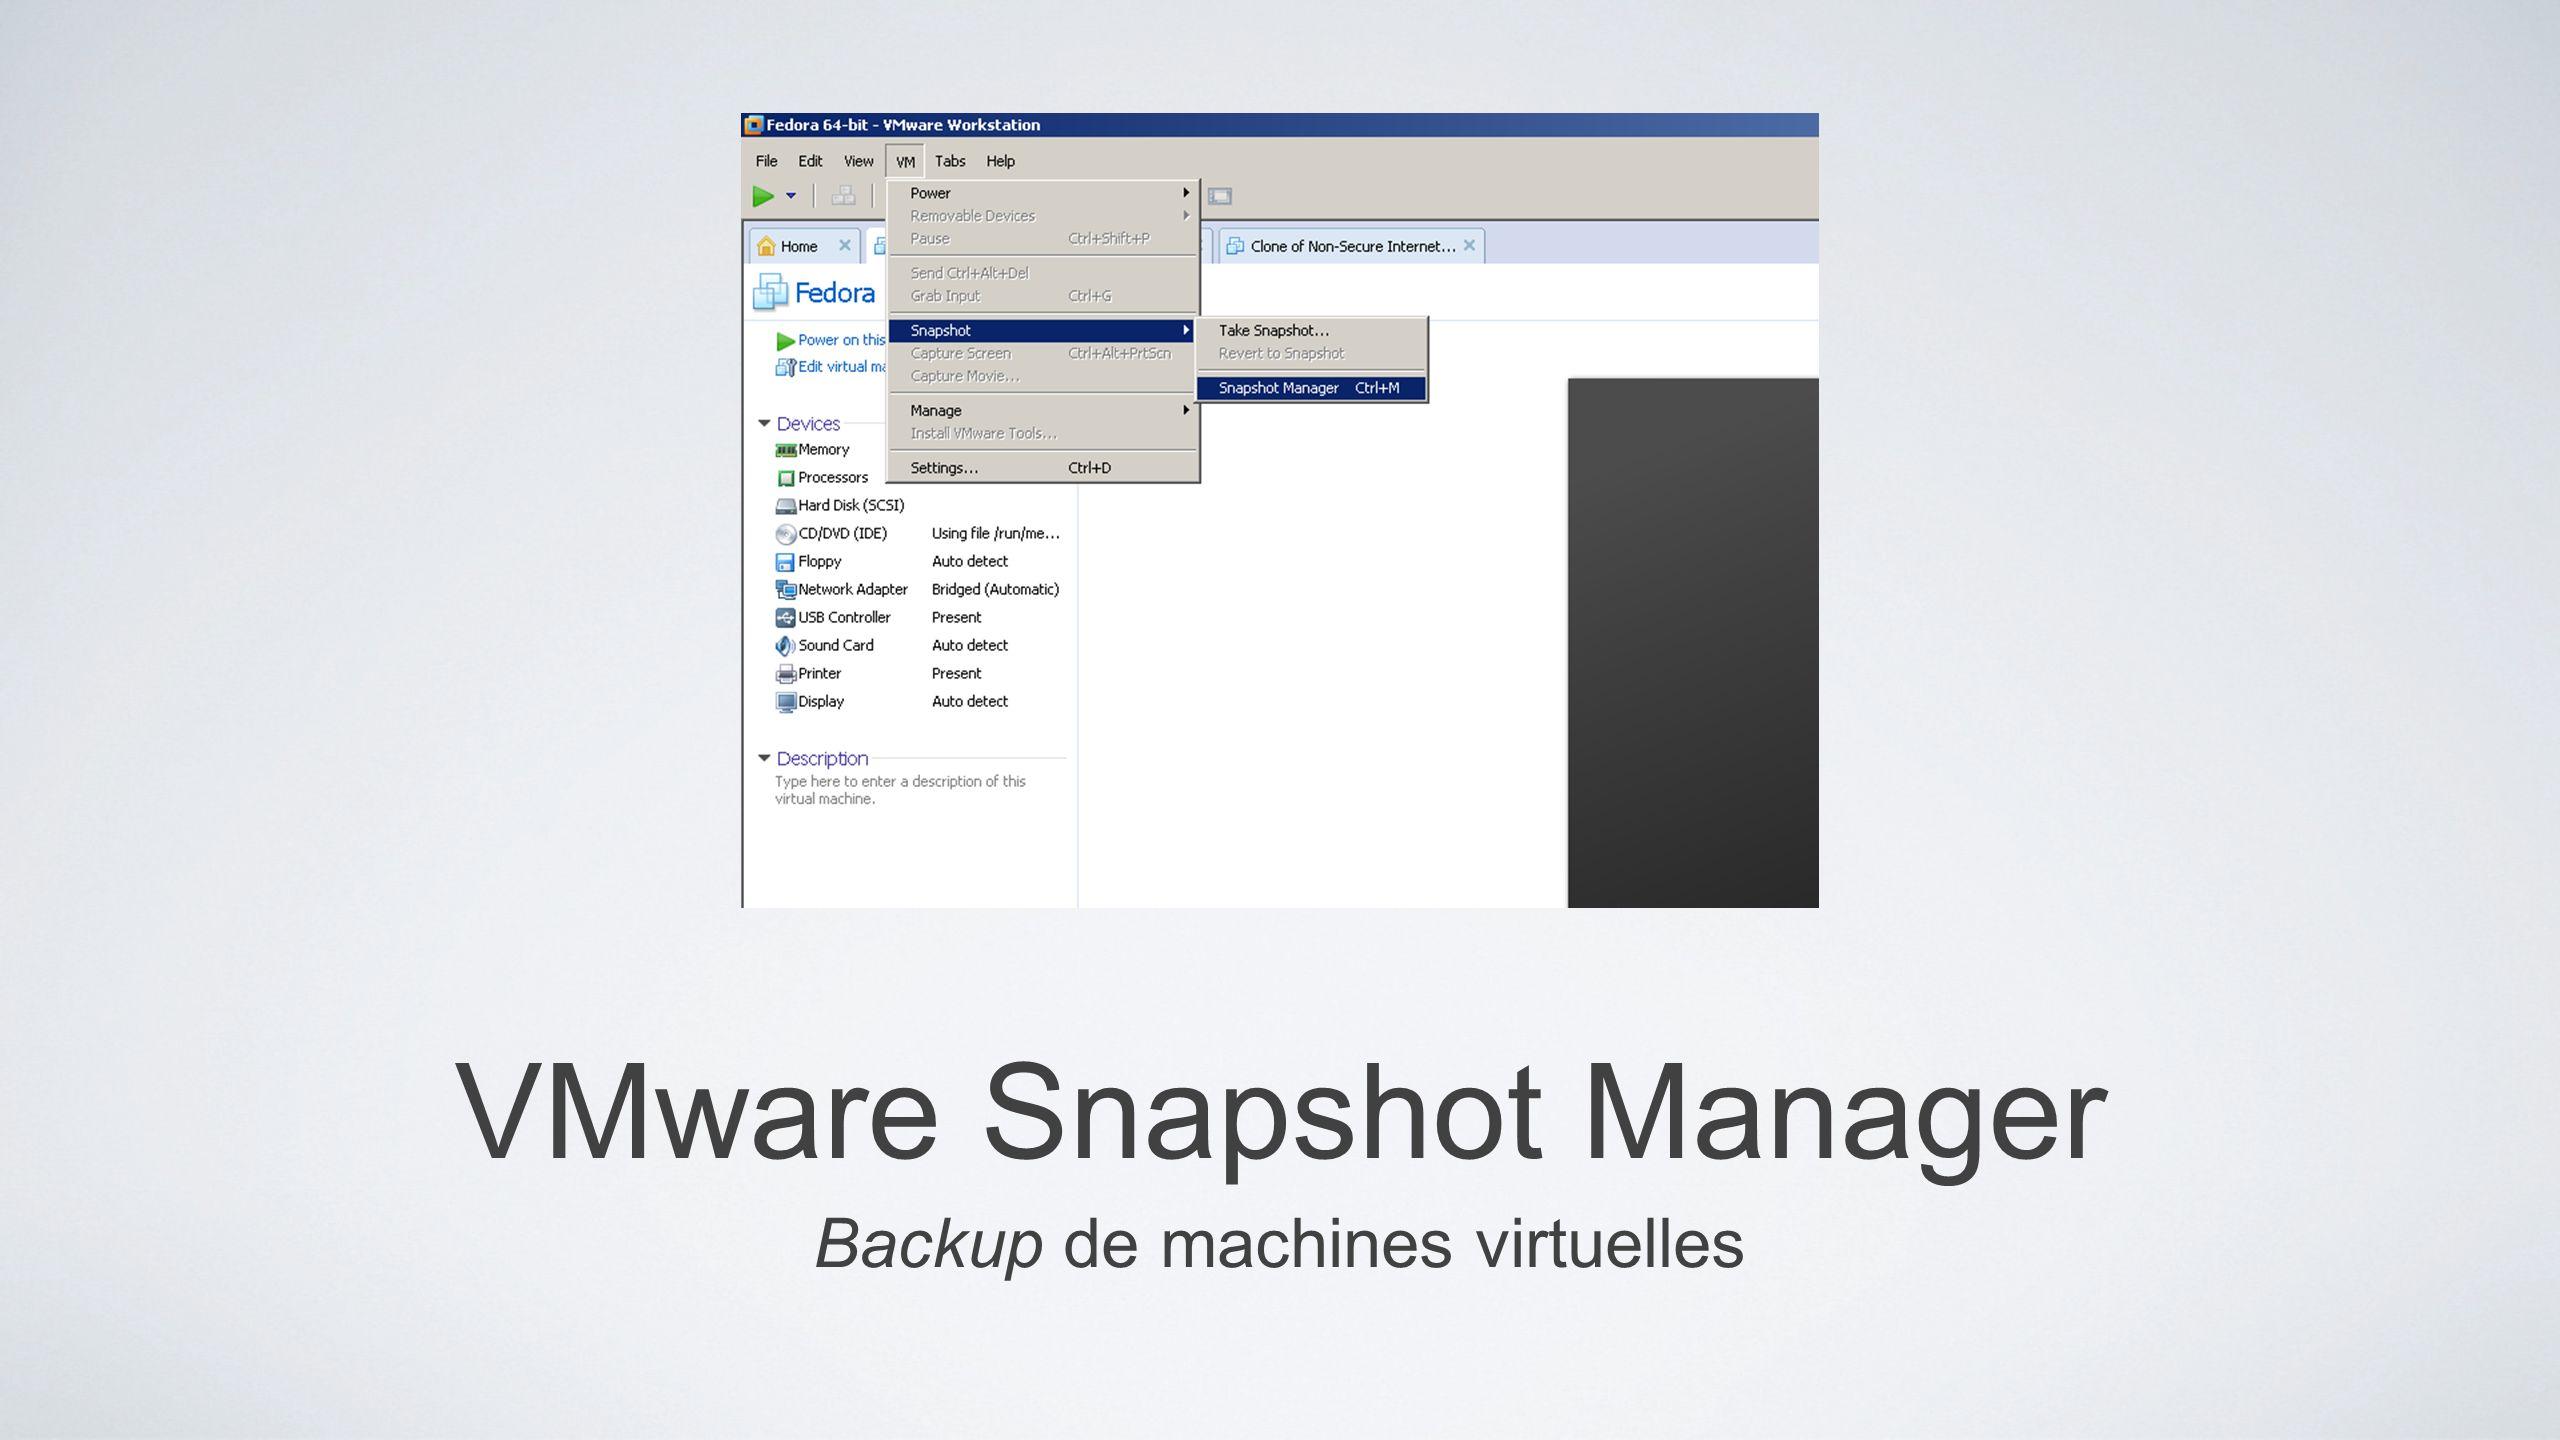 La fonctionnalité AutoProtect permet de créer des snapshots automatiques pour une meilleure sécurité.